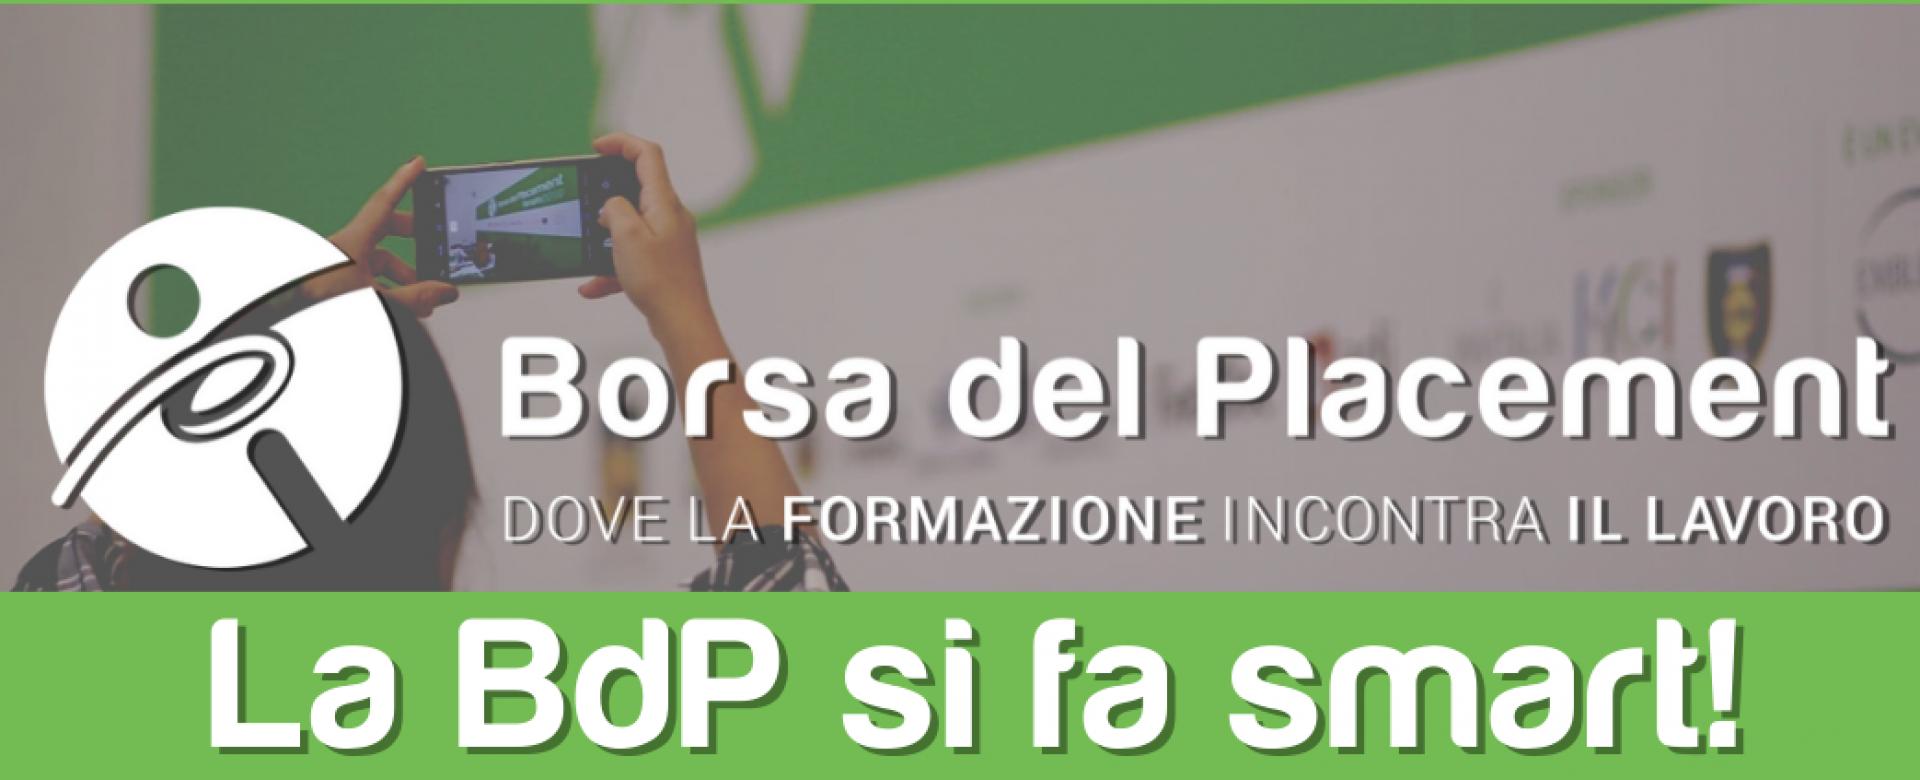 05.03.2020 - La Borsa del Placement si fa smart!